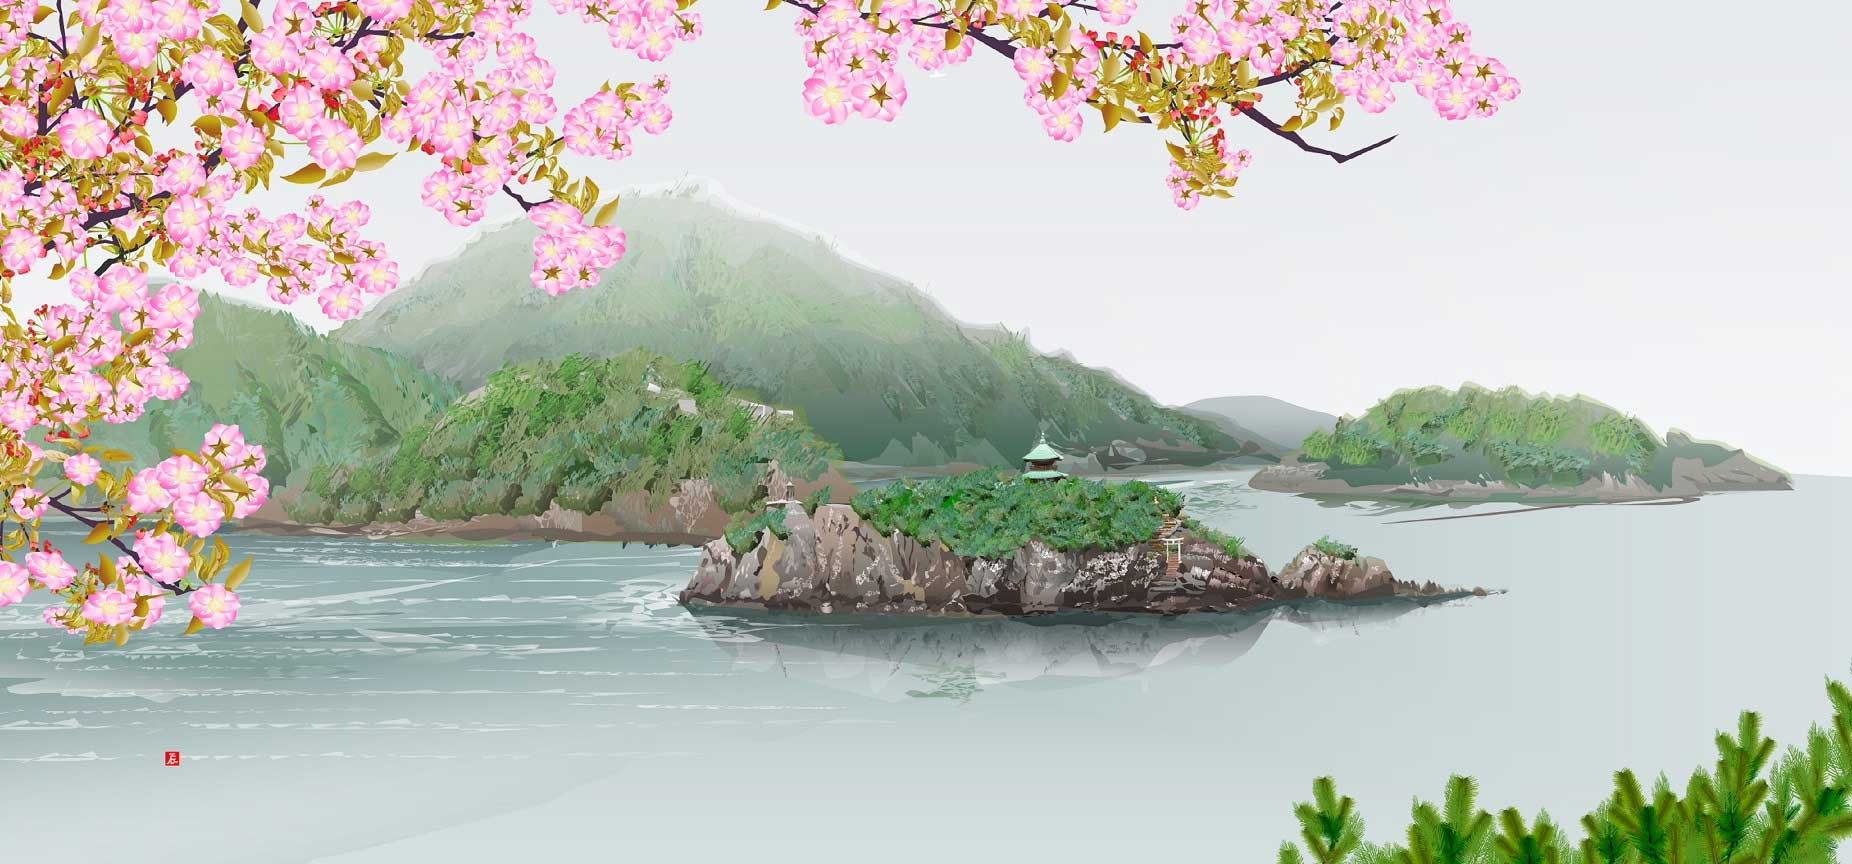 80-jähriger Tatsuo Horiuchi malt Bilder in Excel Tatsuo-Horiuchi-malen-in-excel_03